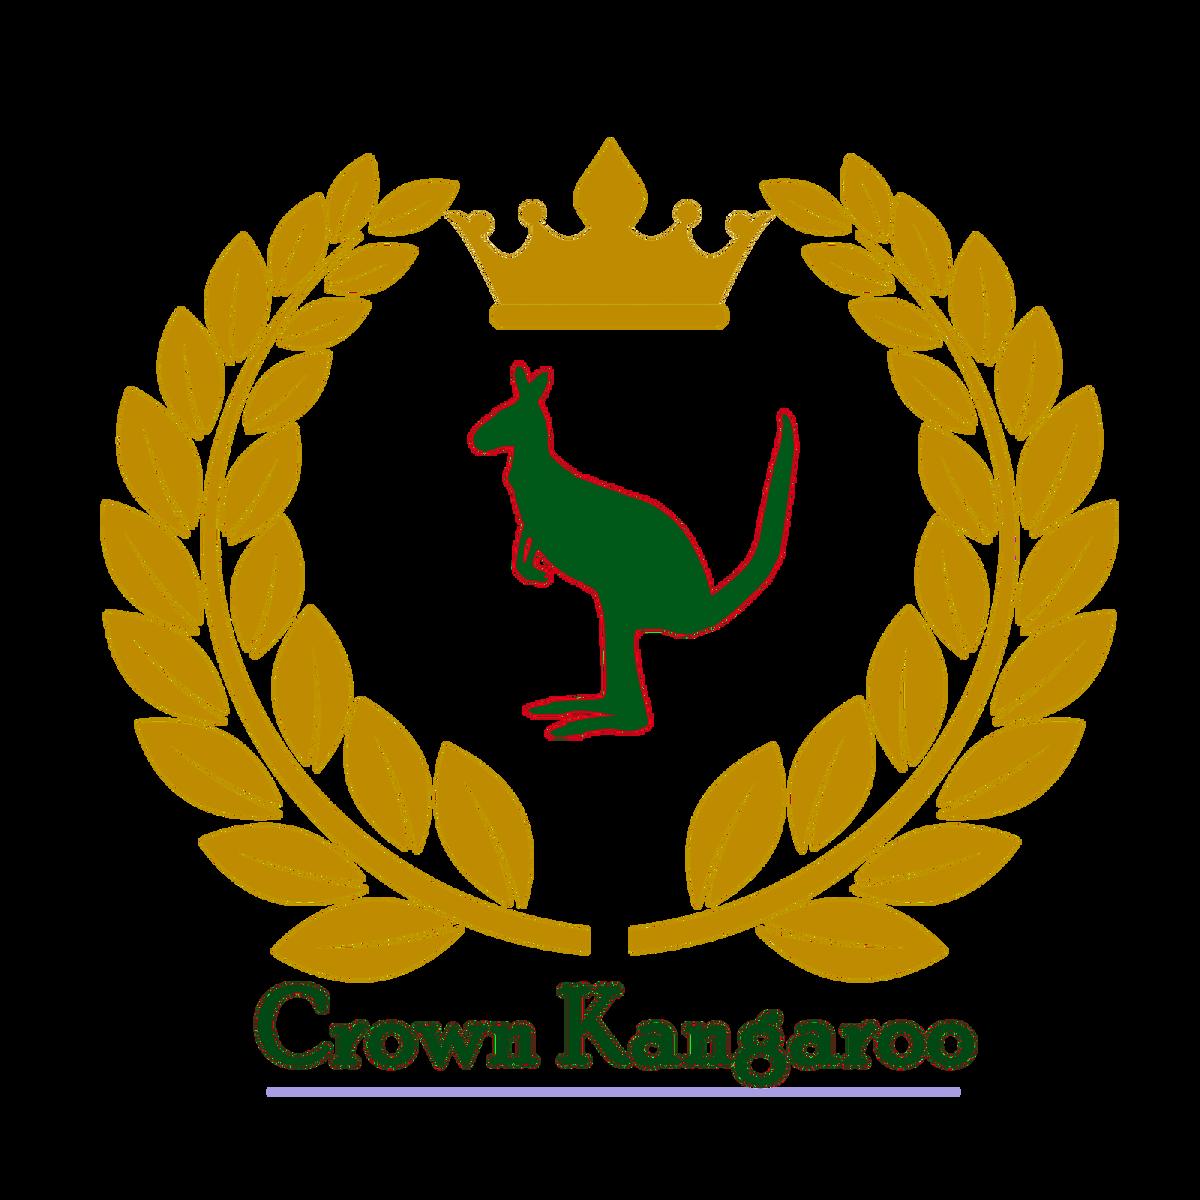 crownkangaroo